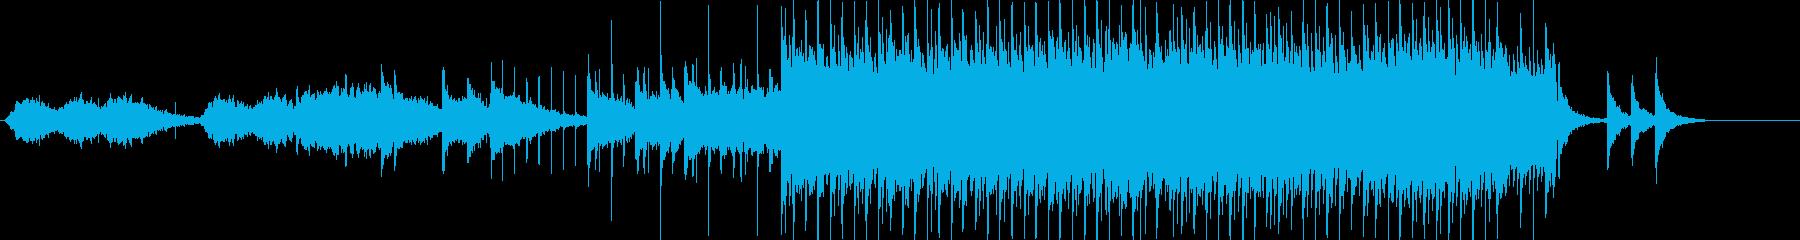 切なげな琴とエレピのシンプルな和風EDMの再生済みの波形